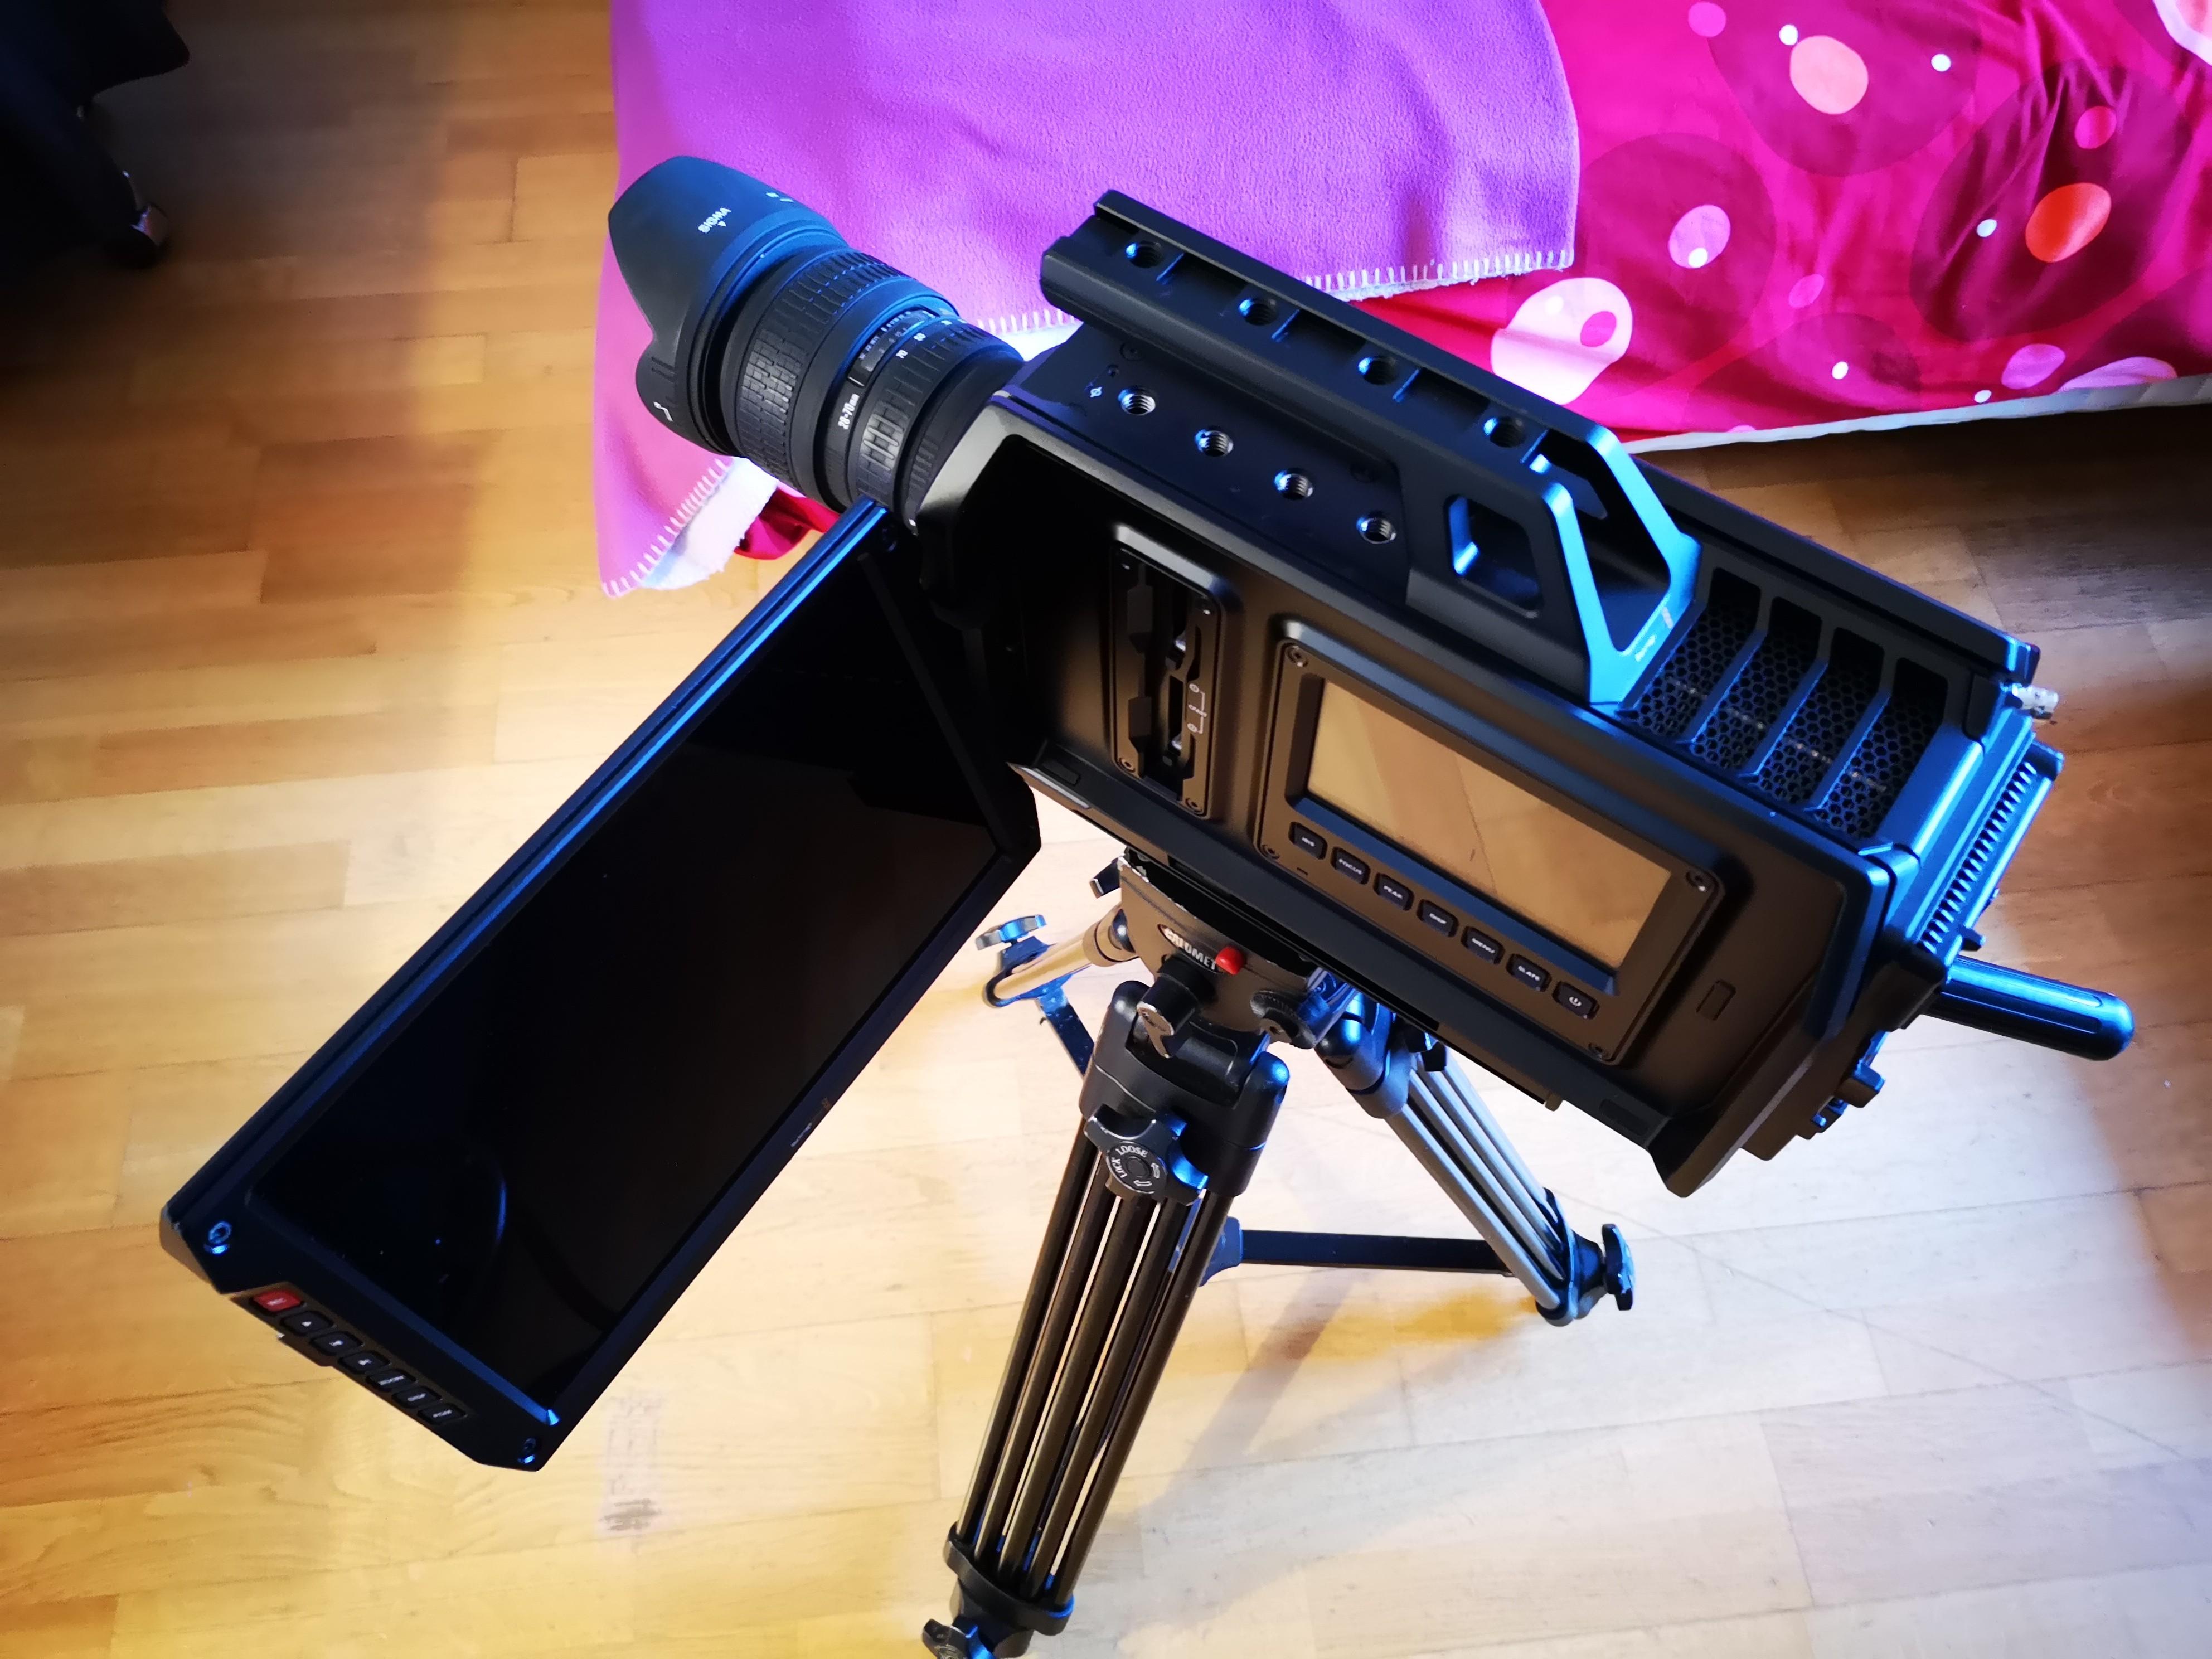 UNITÉ DE TOURNAGE Blackmagic Ursa 4K EF objectif Sigma 28 70 tripod CALUMET vct14 BATTERIE VMOUNT SSD 500go